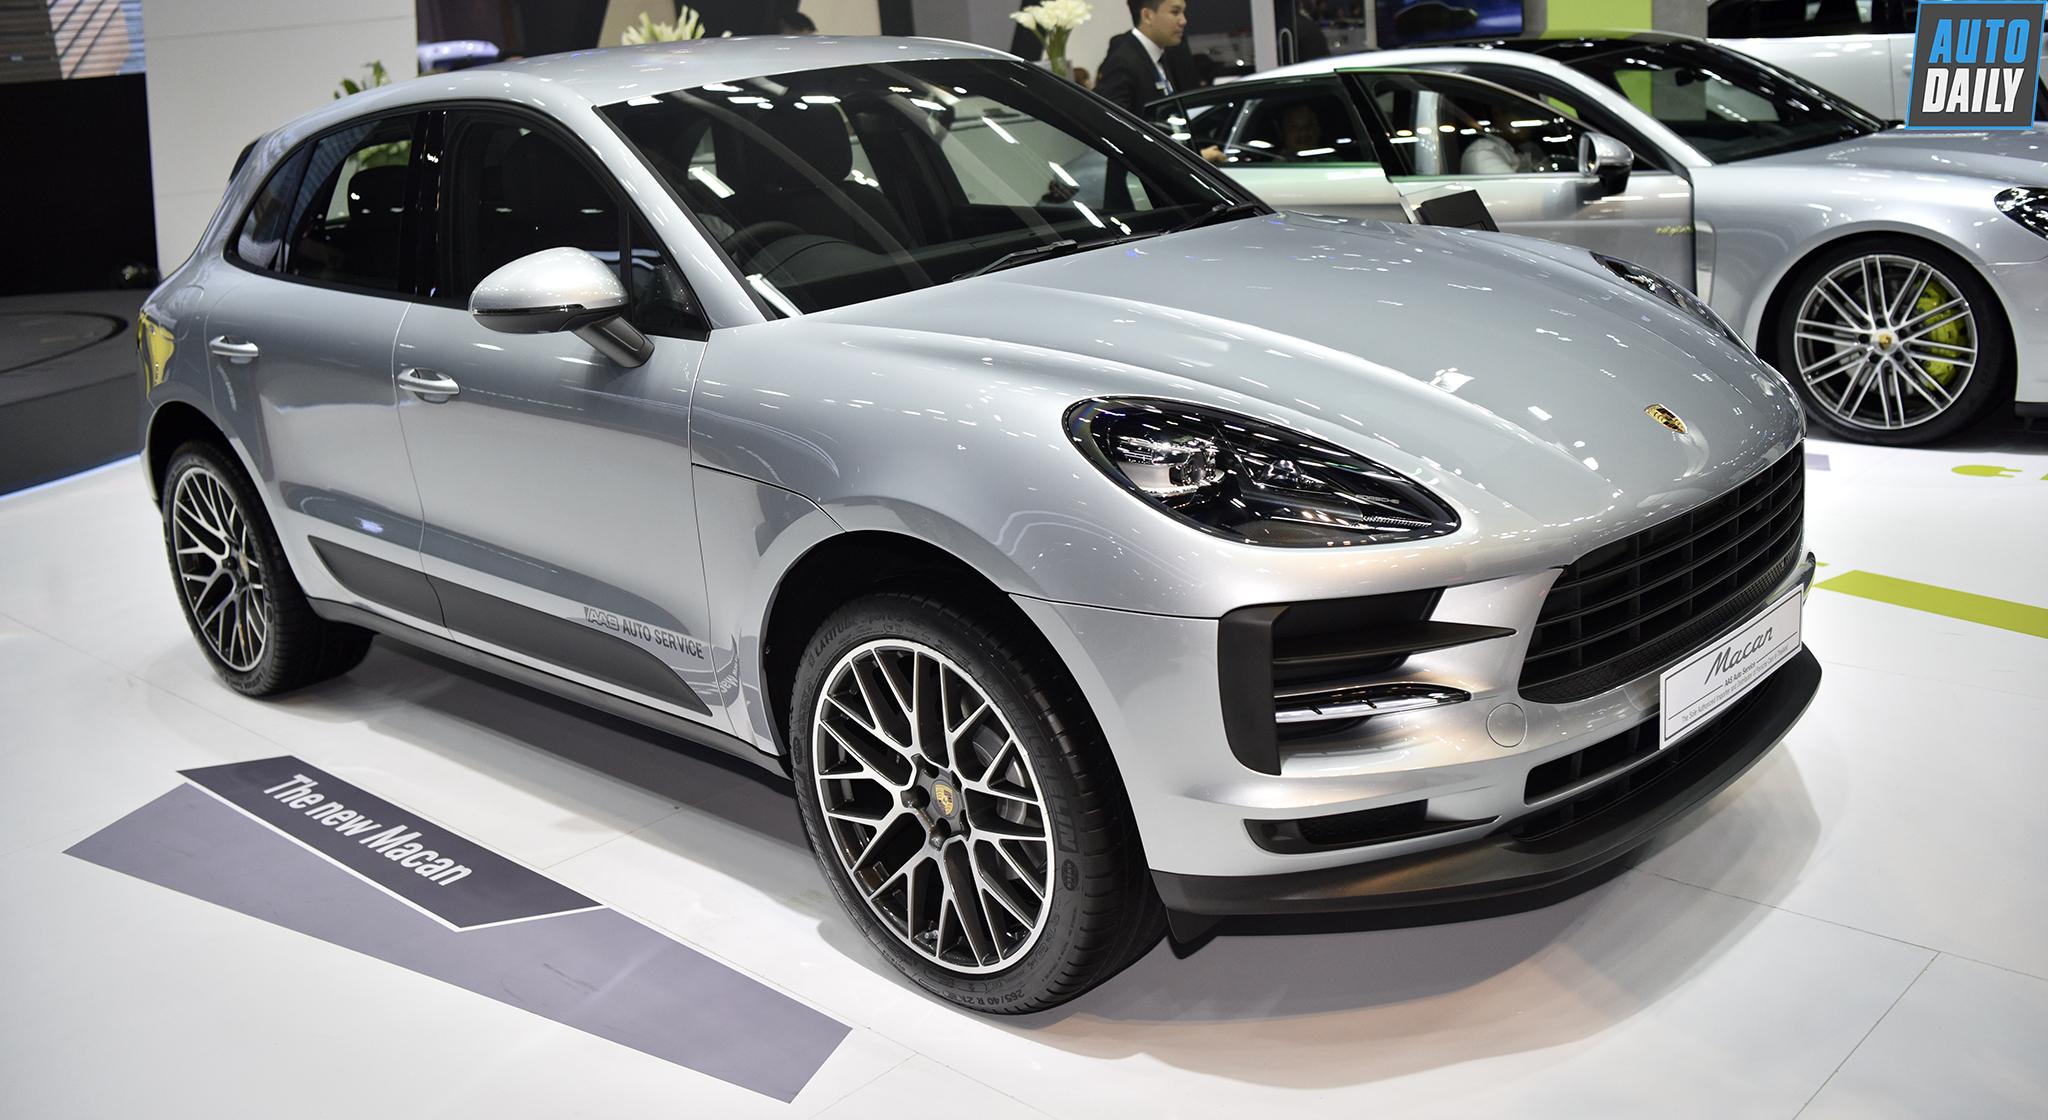 Đánh giá nhanh Porsche Macan 2019 sắp về Việt Nam